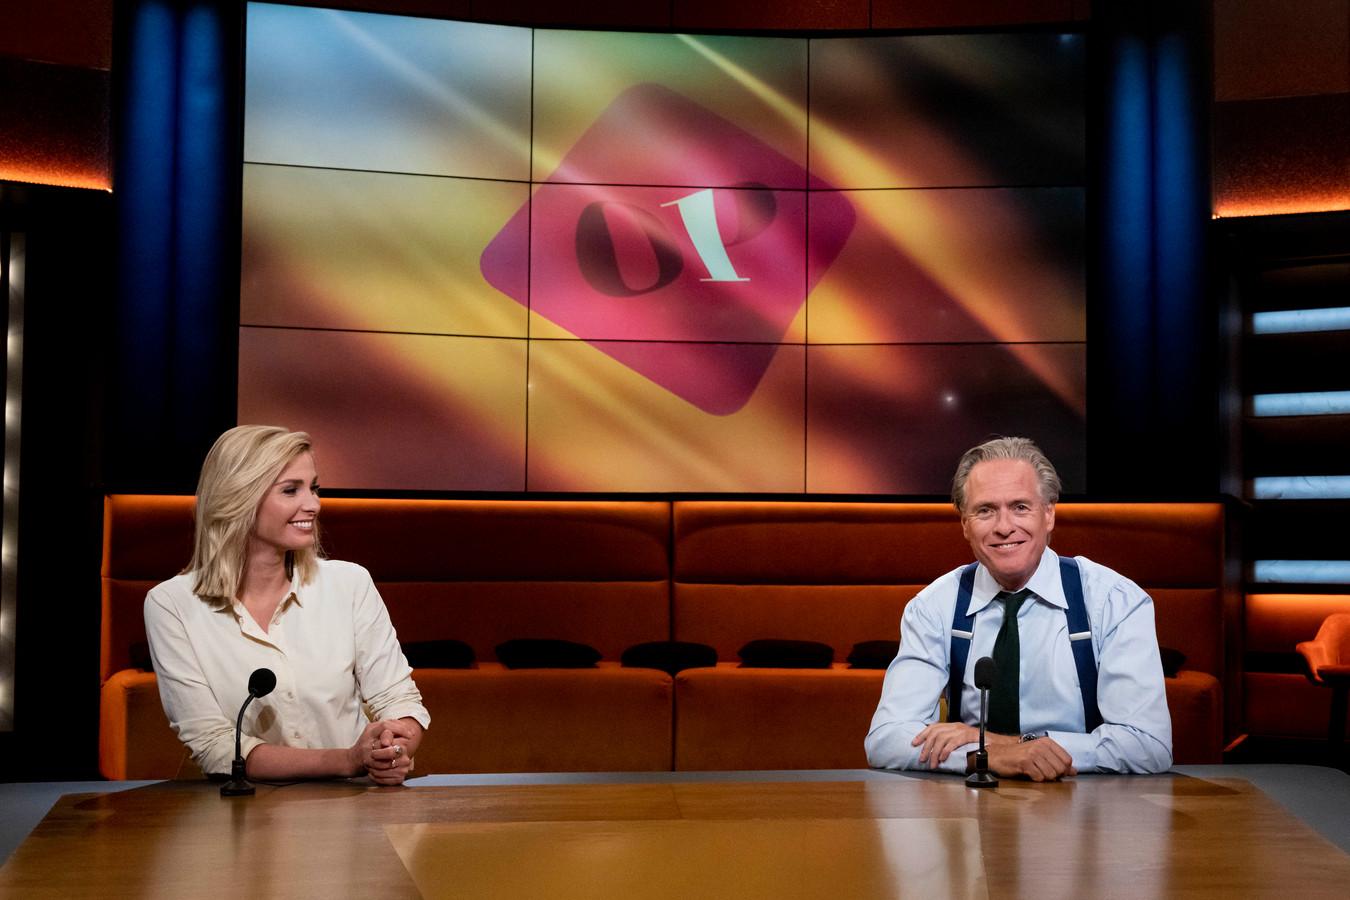 Jort Kelder en Welmoed Sijtsma presenteren namens Omroep WNL Op1